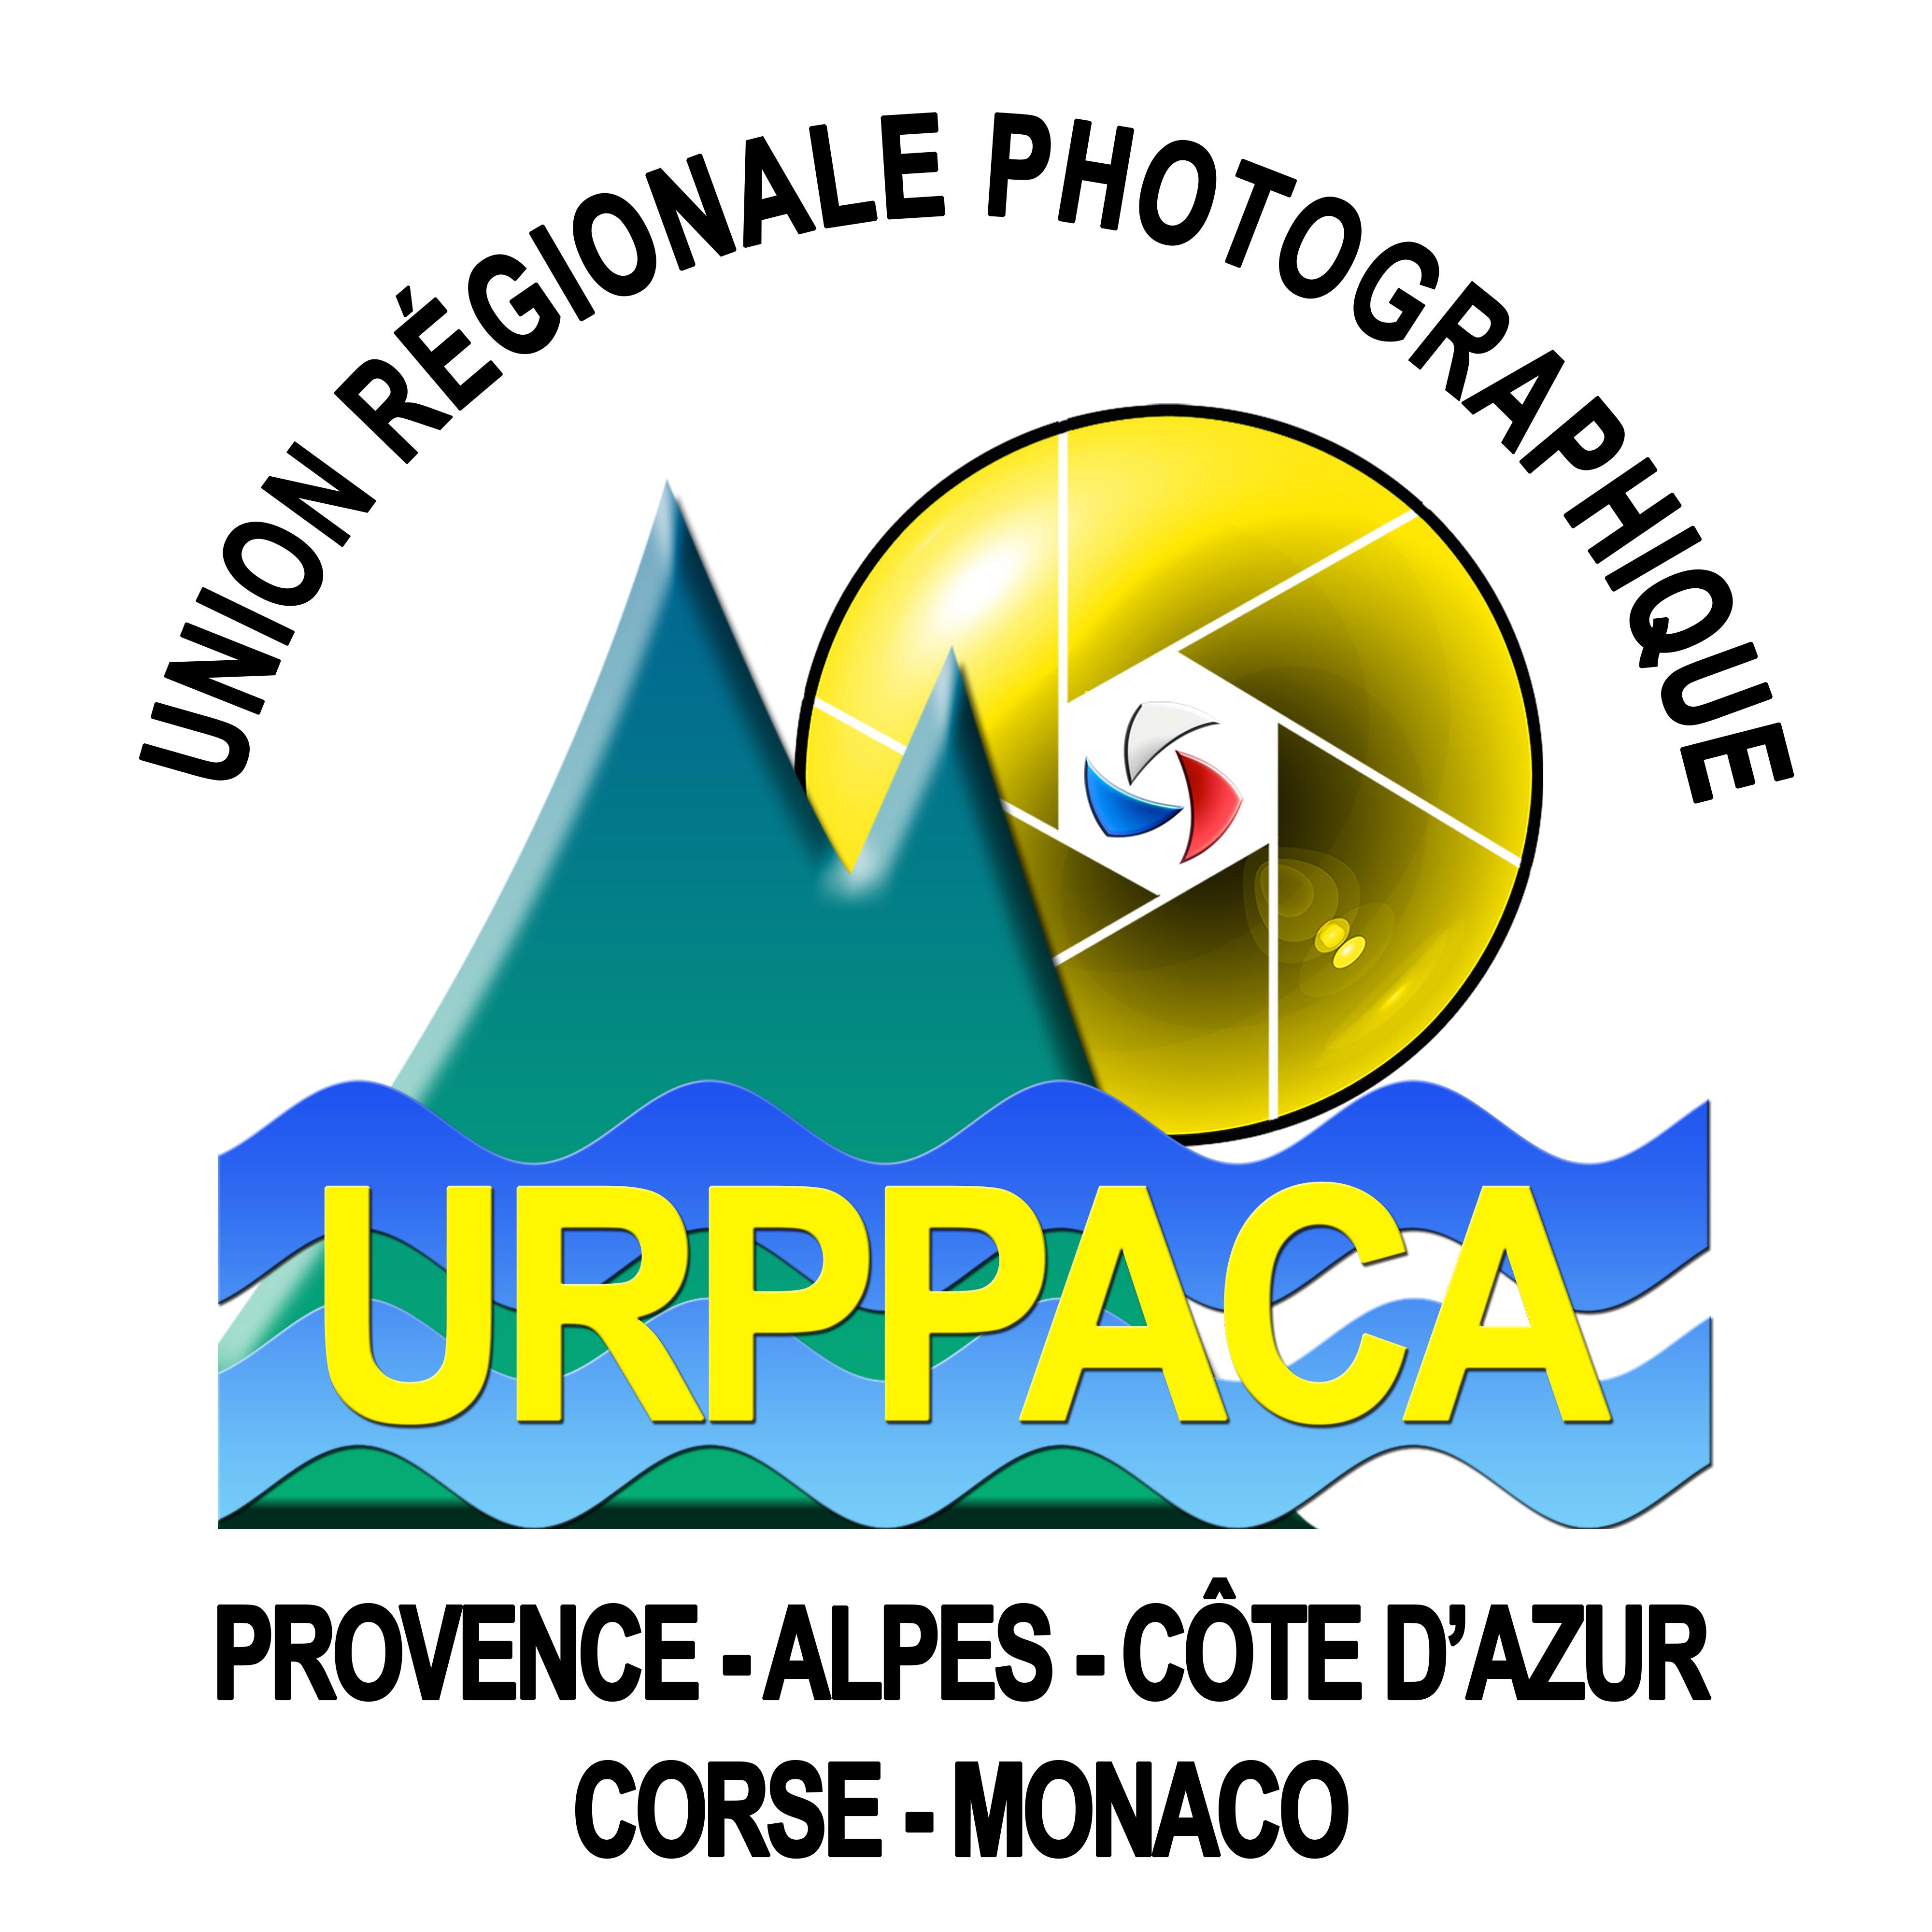 Modèle officiel, fond blanc-Format JPEG